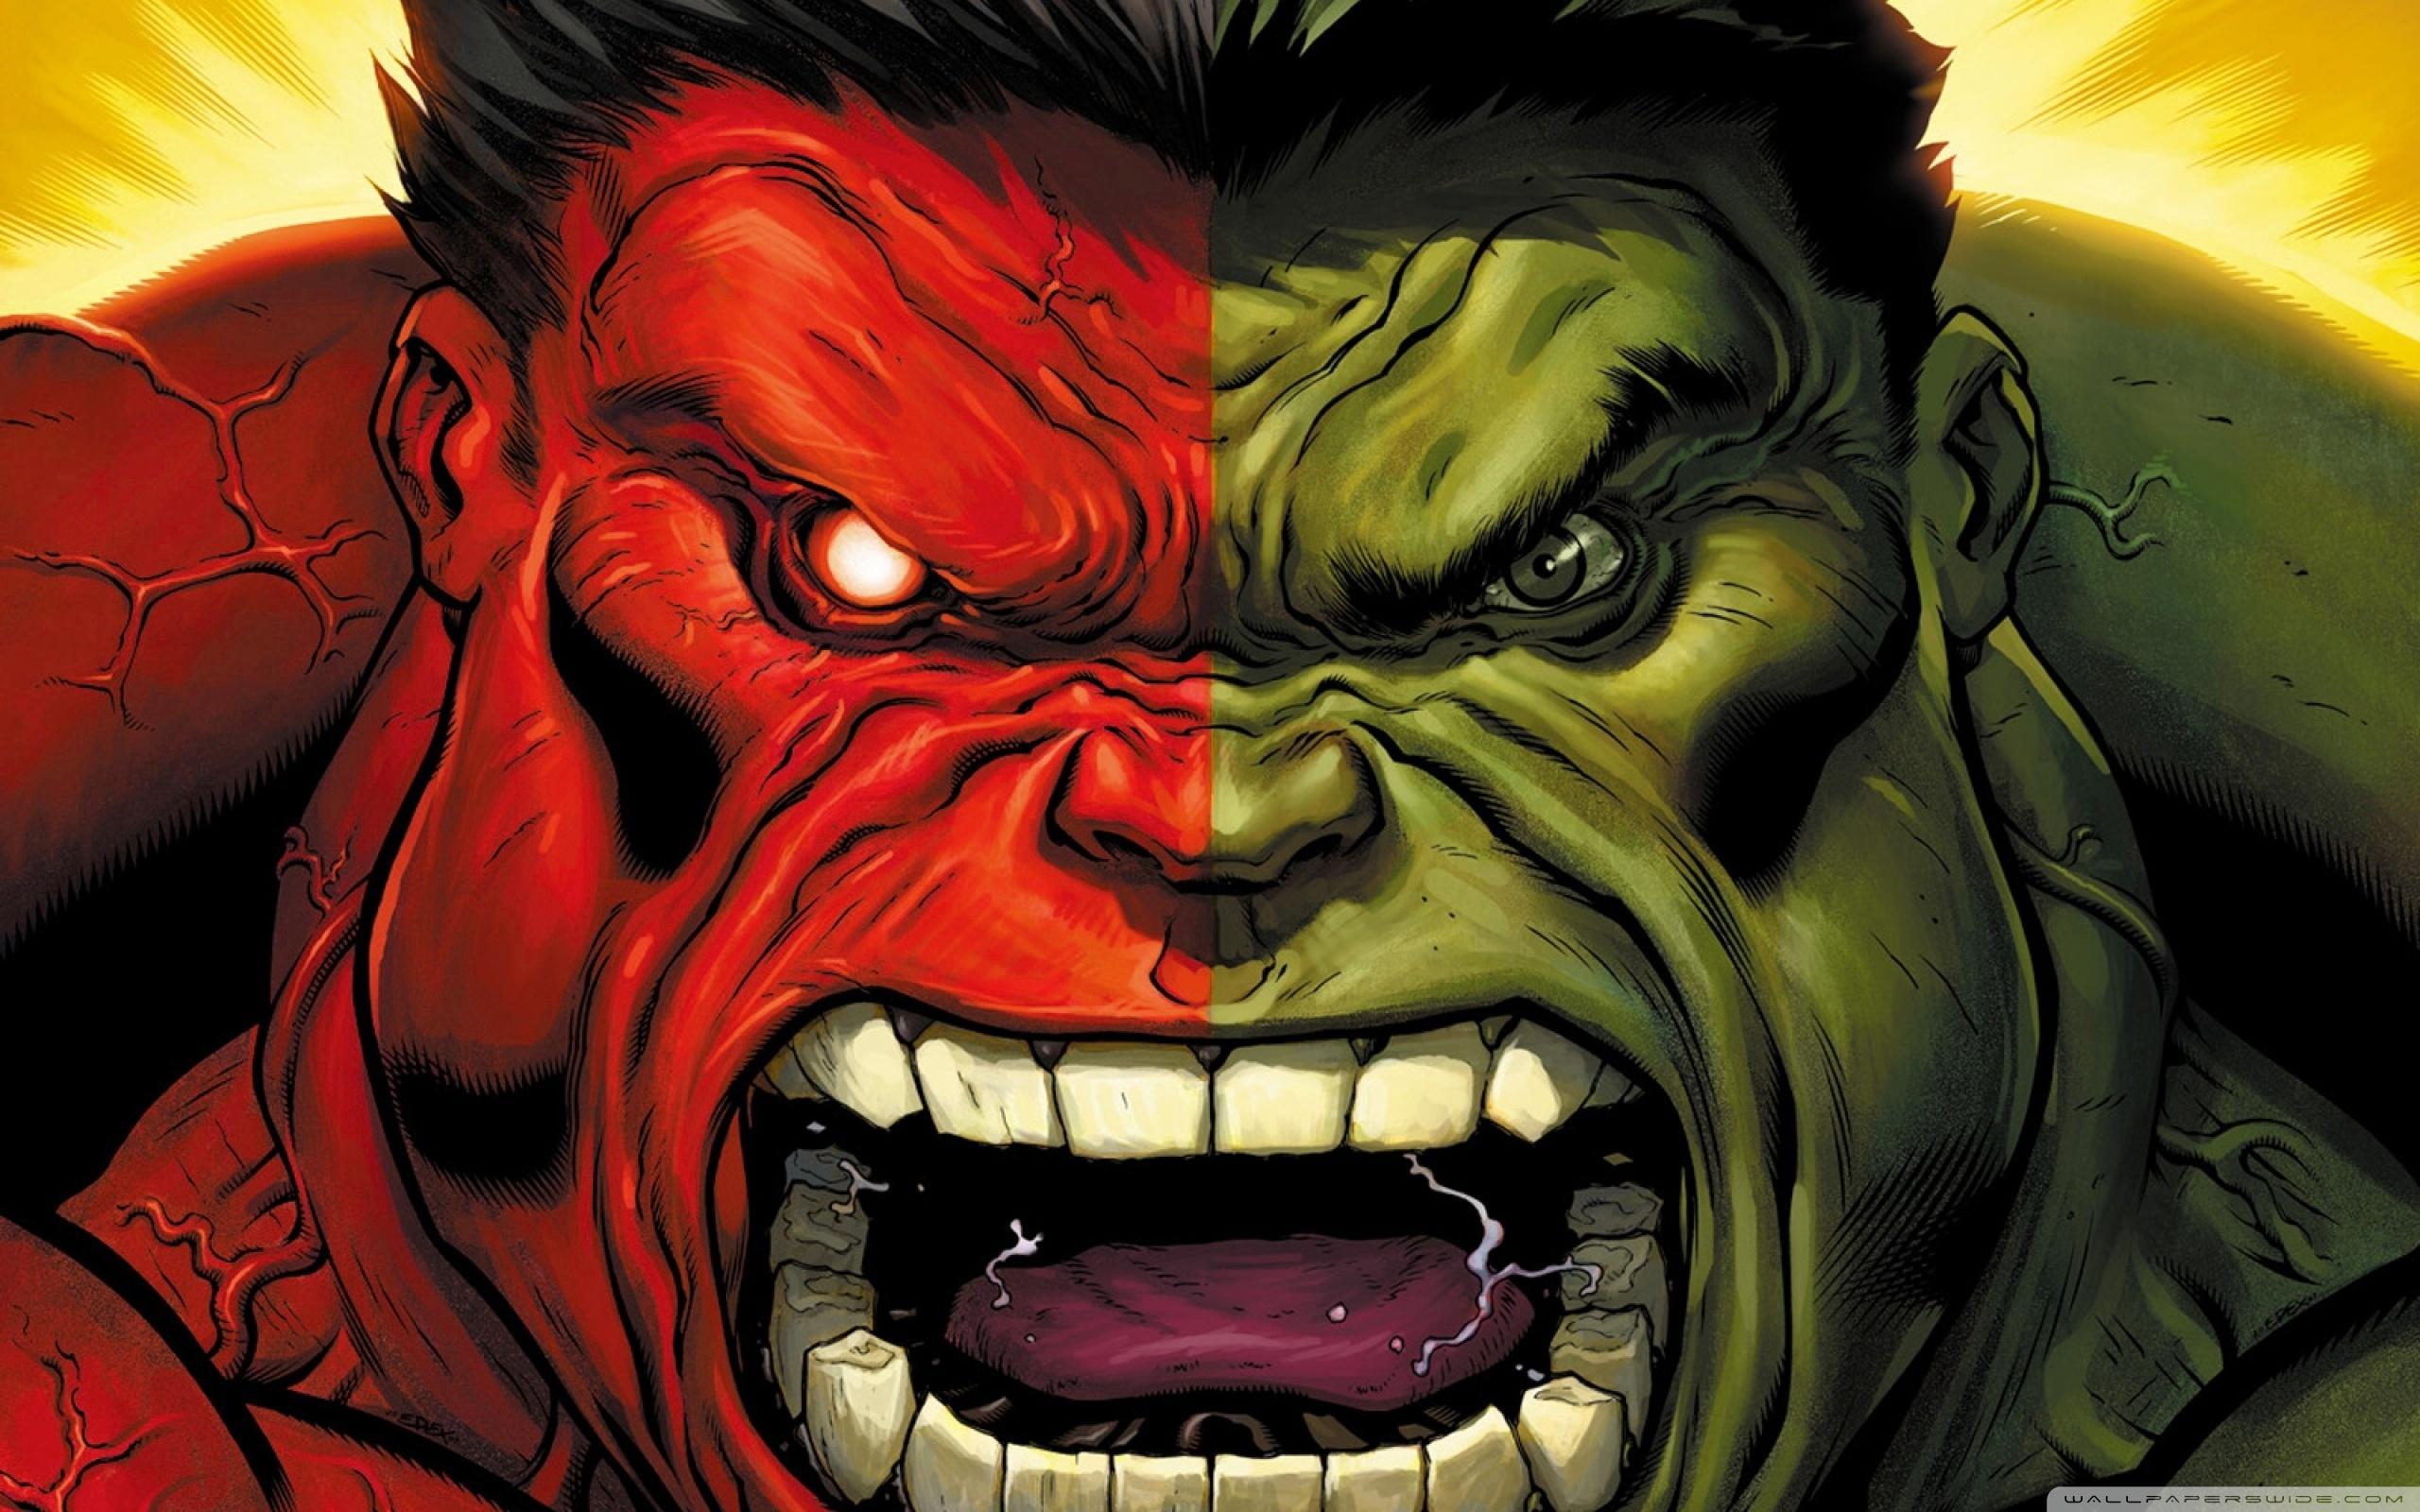 [24+] Hulk Vs Red Hulk Wallpapers on WallpaperSafari